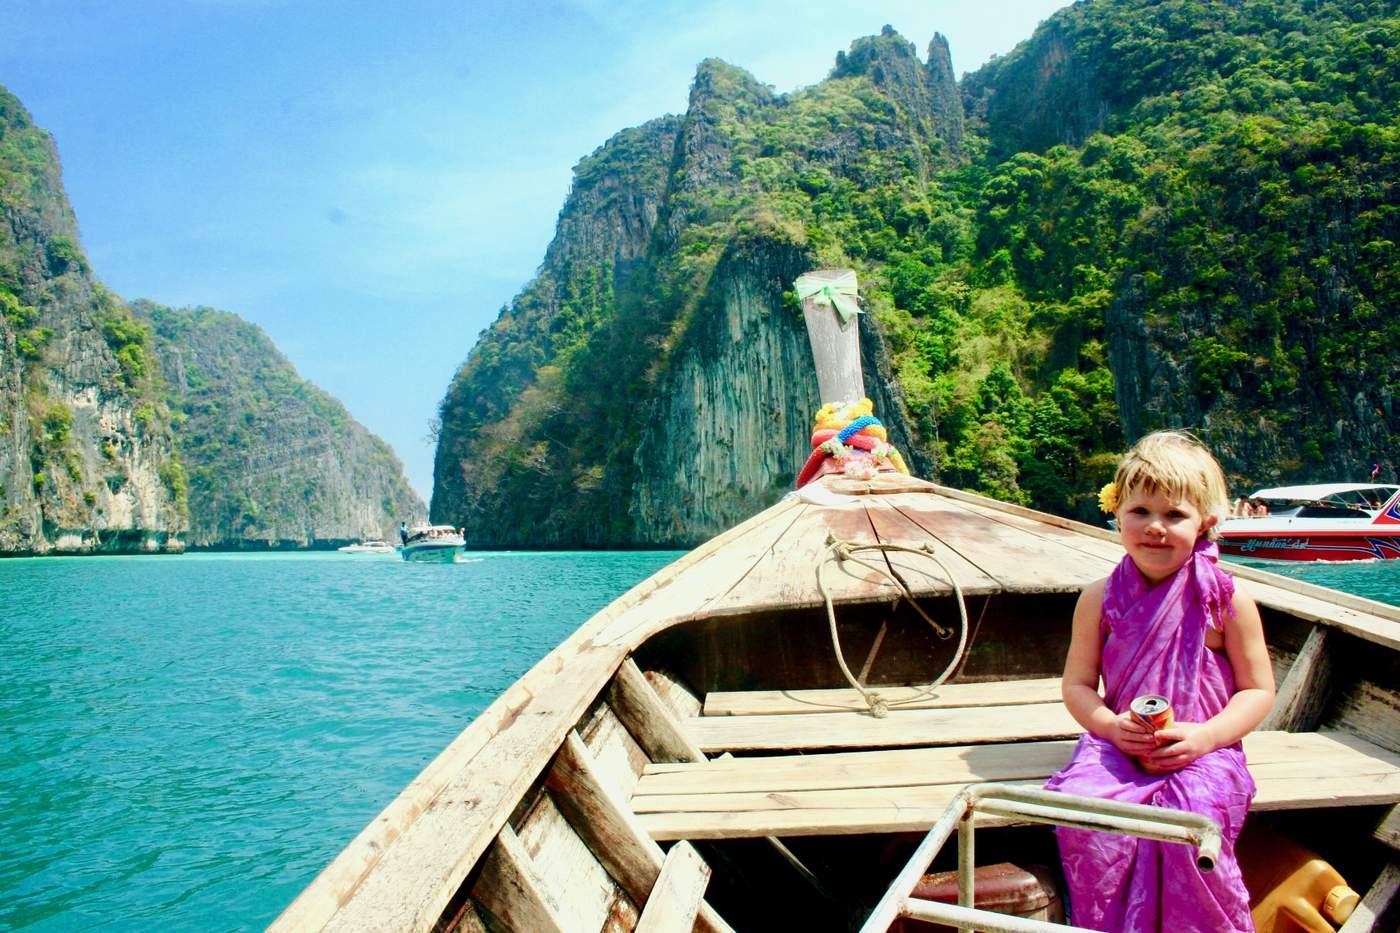 HVOR REISE I THAILAND